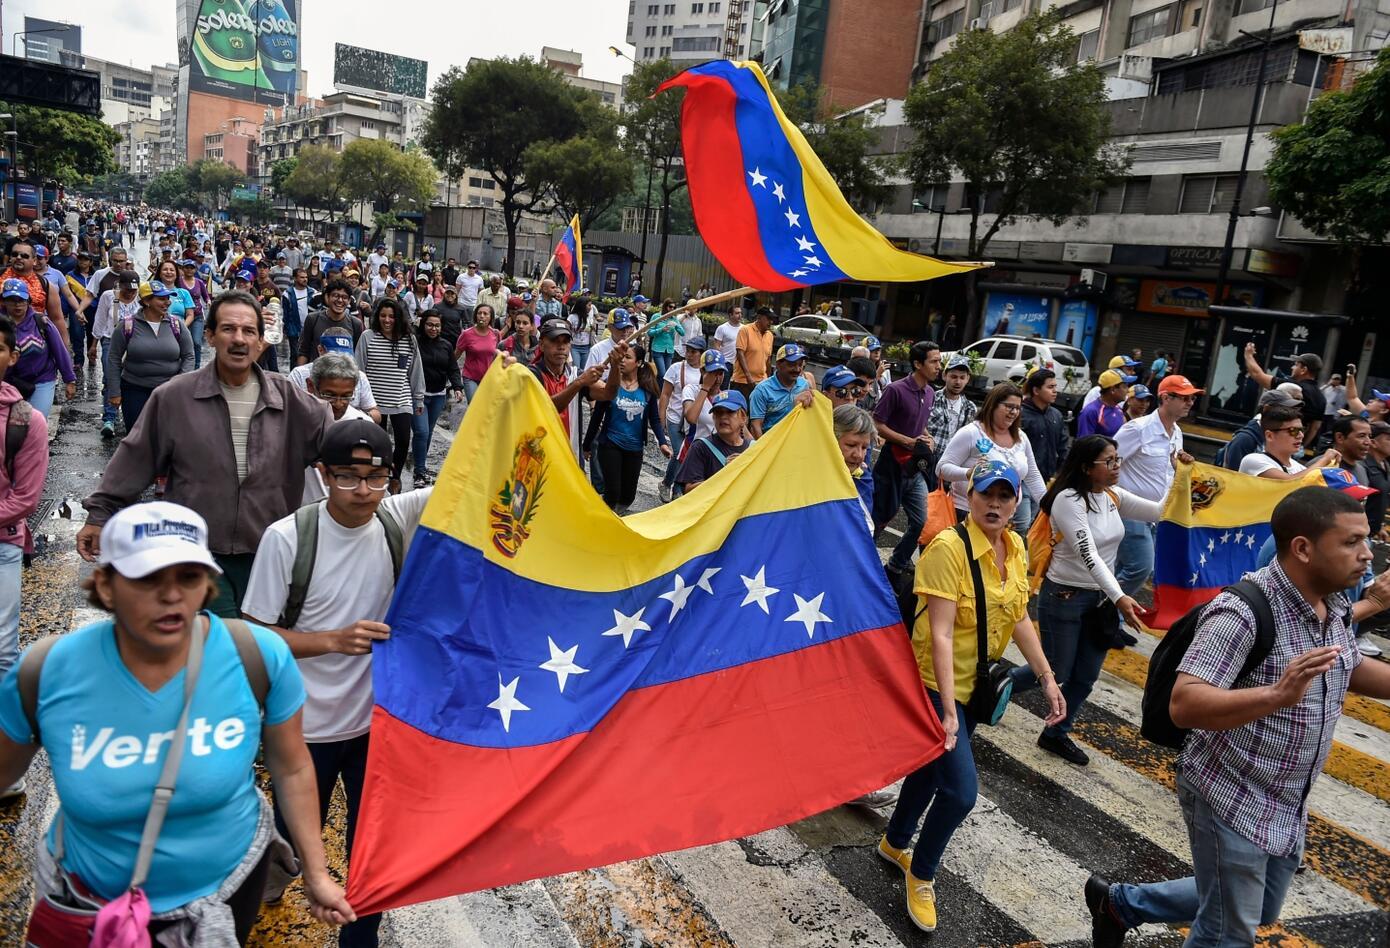 Hay quienes destaca con Guaidó el respeto a la libertad y Estado de derecho.